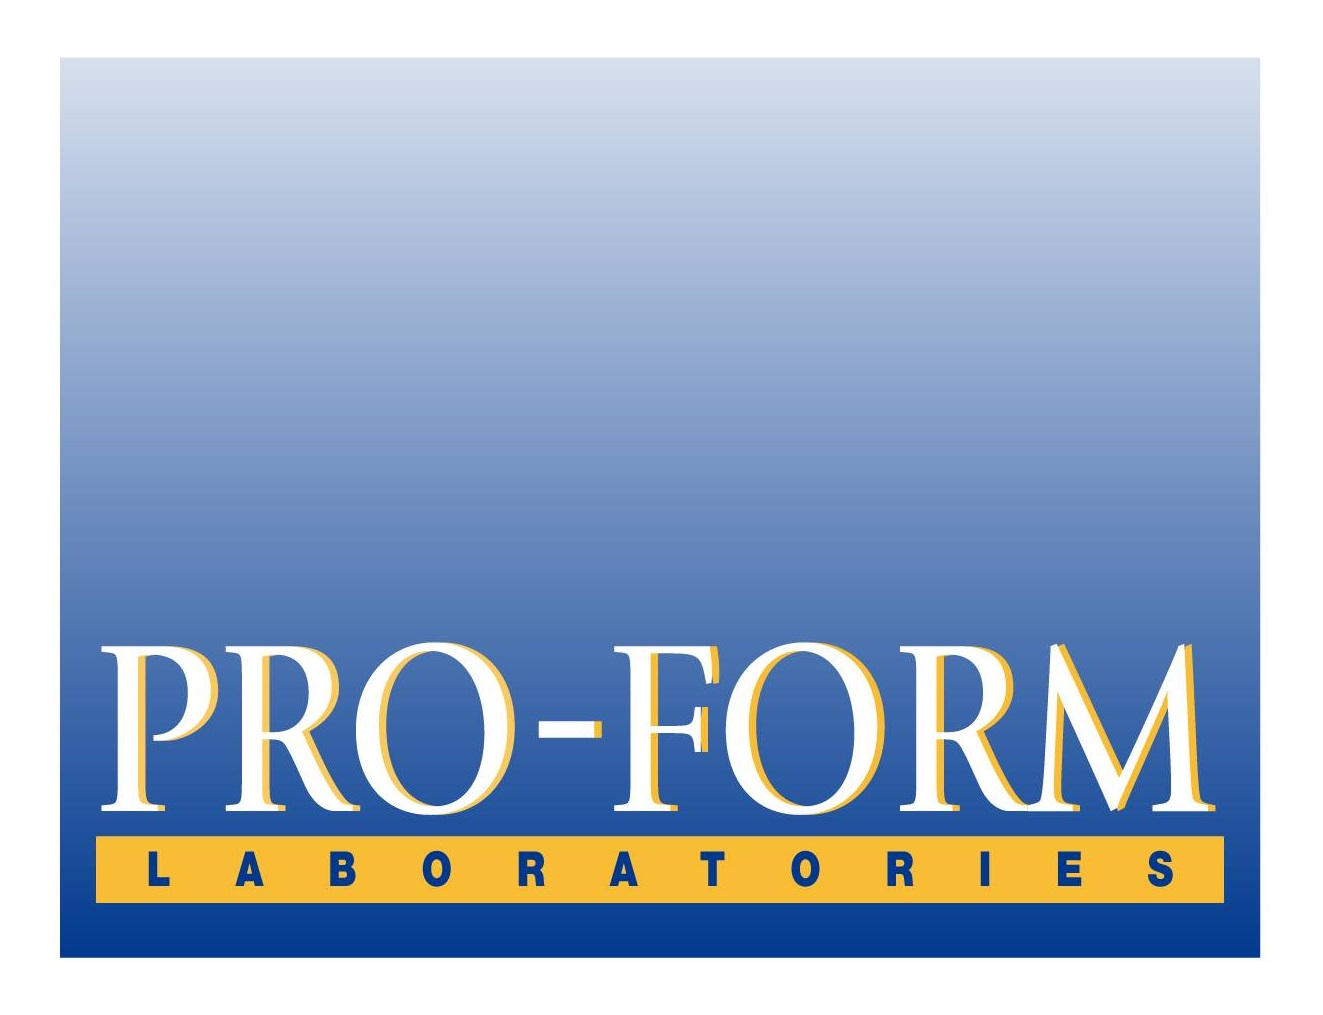 pro form laboratories job board